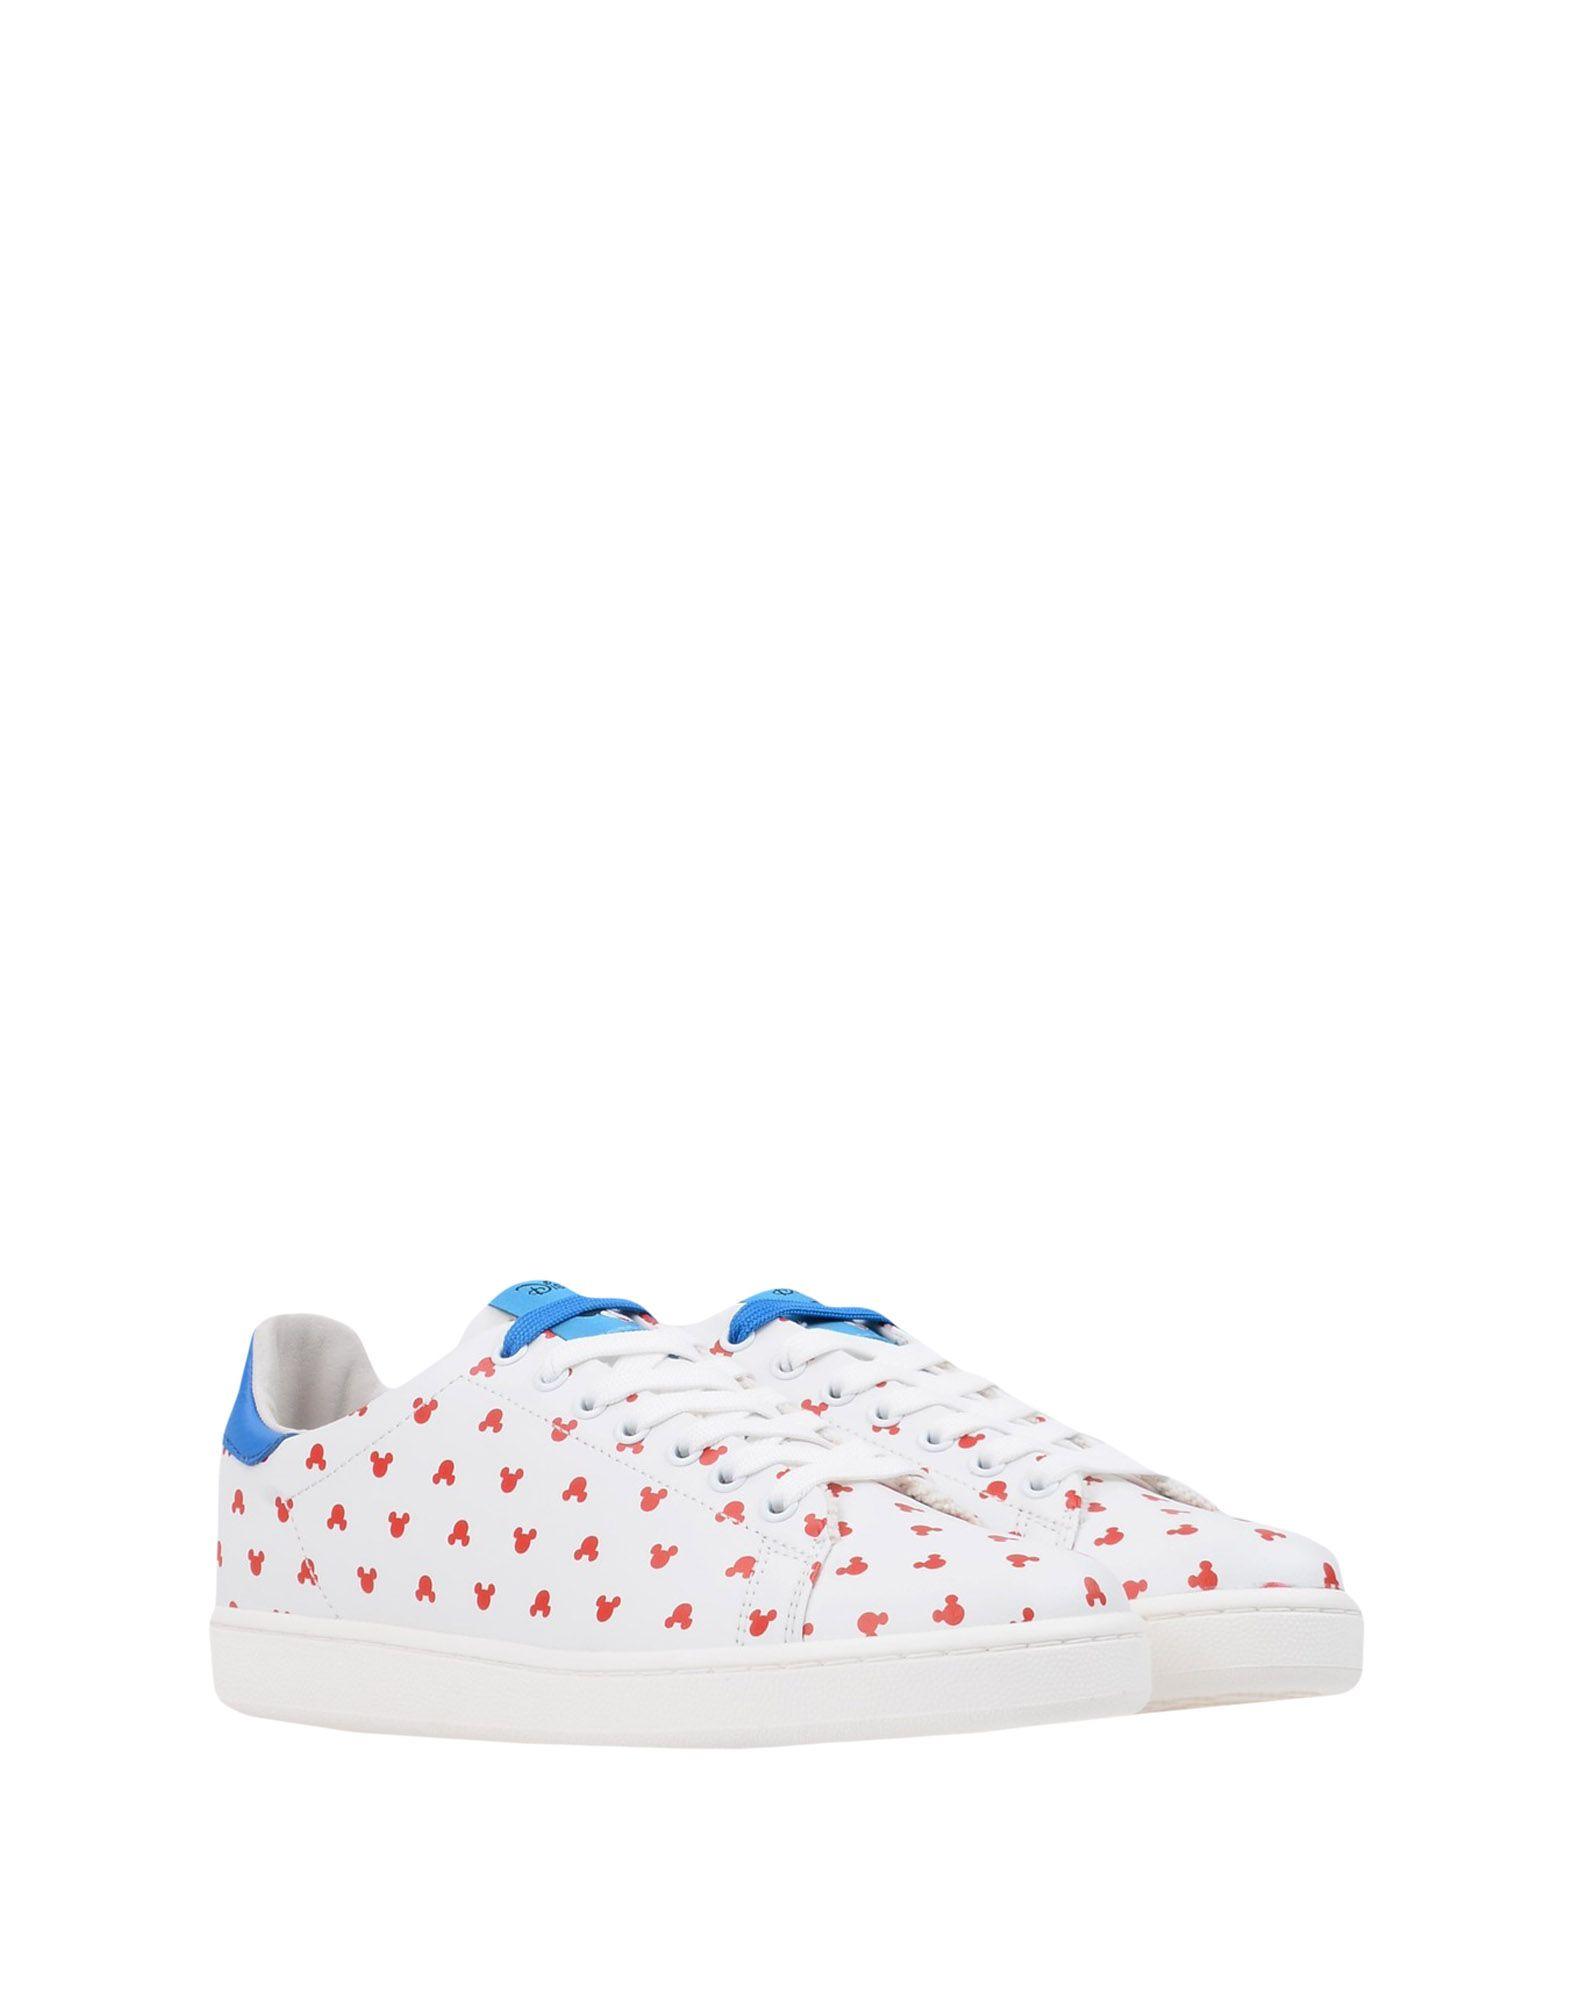 Moa Master Arts Of Arts Master Sneakers Damen  11330254KO Gute Qualität beliebte Schuhe 44b8a3